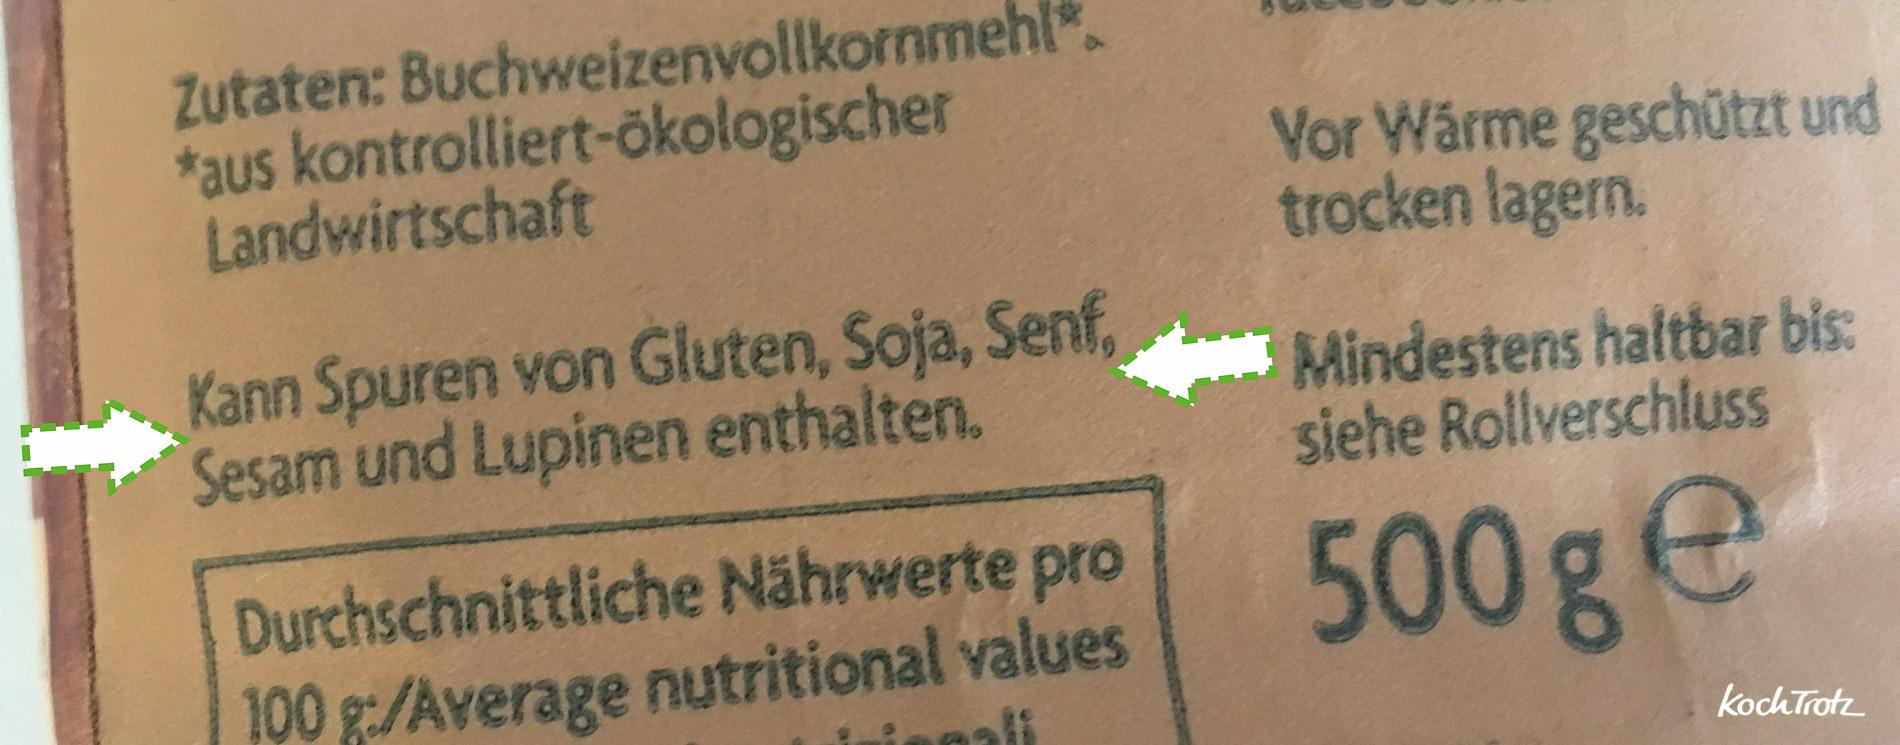 Spurenhinweis | versteckte Glutenquellen bei glutenfreien Lebensmitteln | darauf ist zu achten